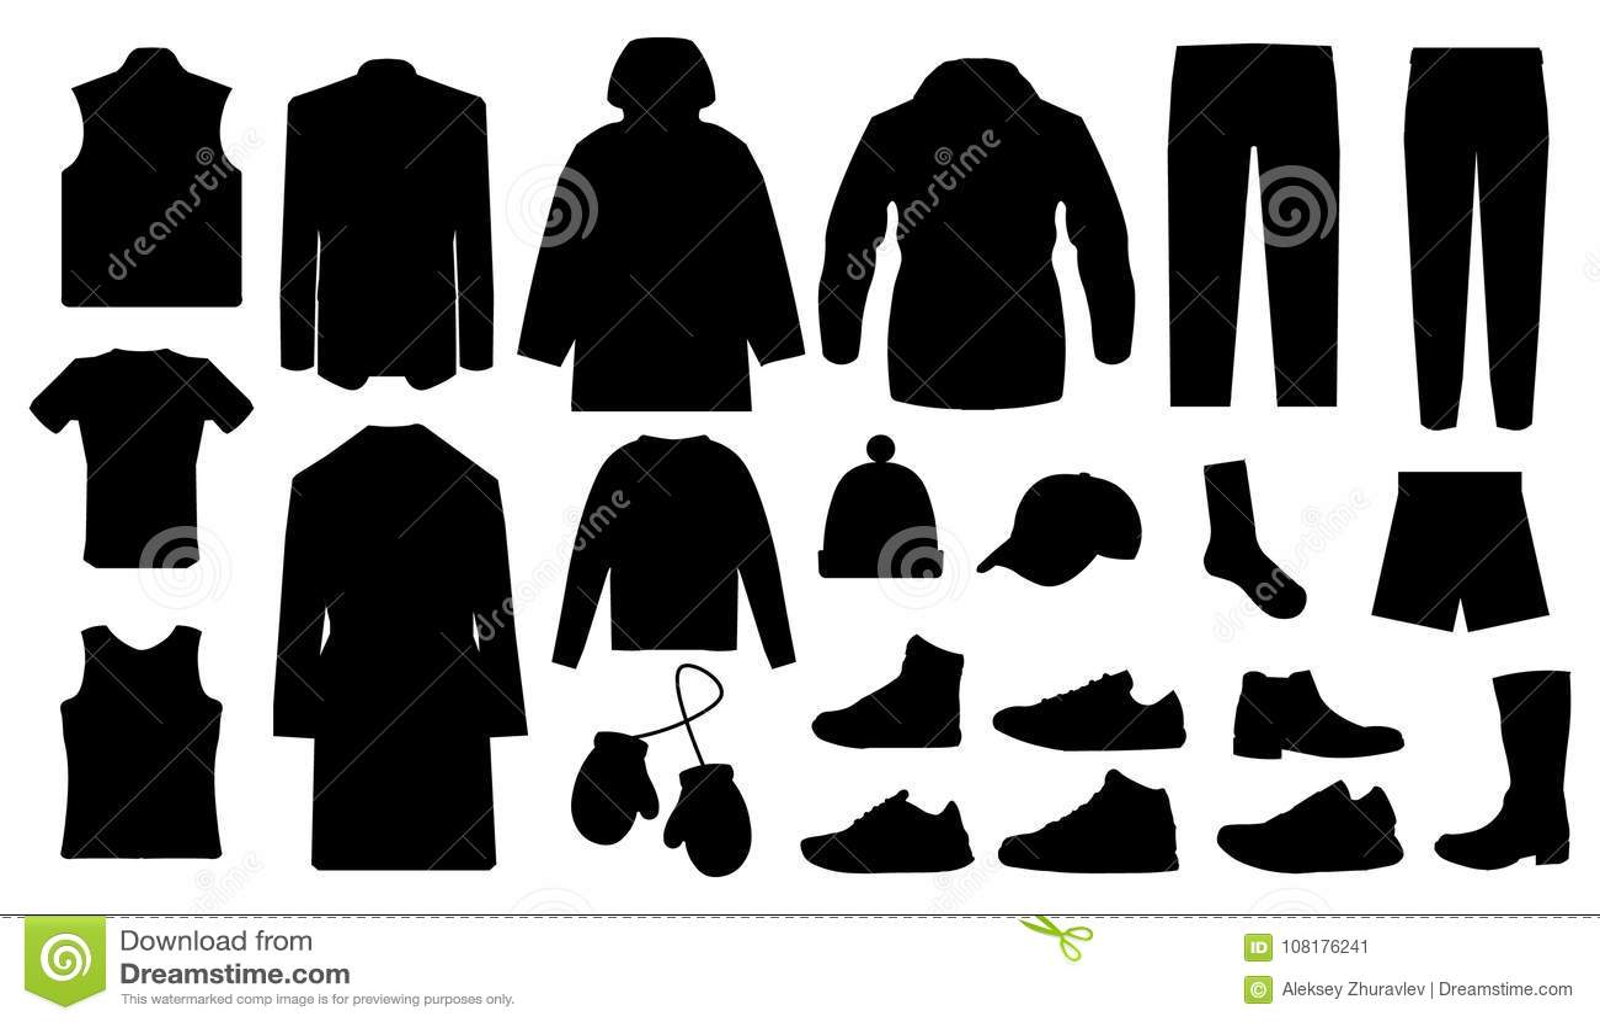 5da28cdb2 Equipe a roupa e coleção dos acessórios - vestuário da forma - vector a  ilustração EPS da silhueta do ícone